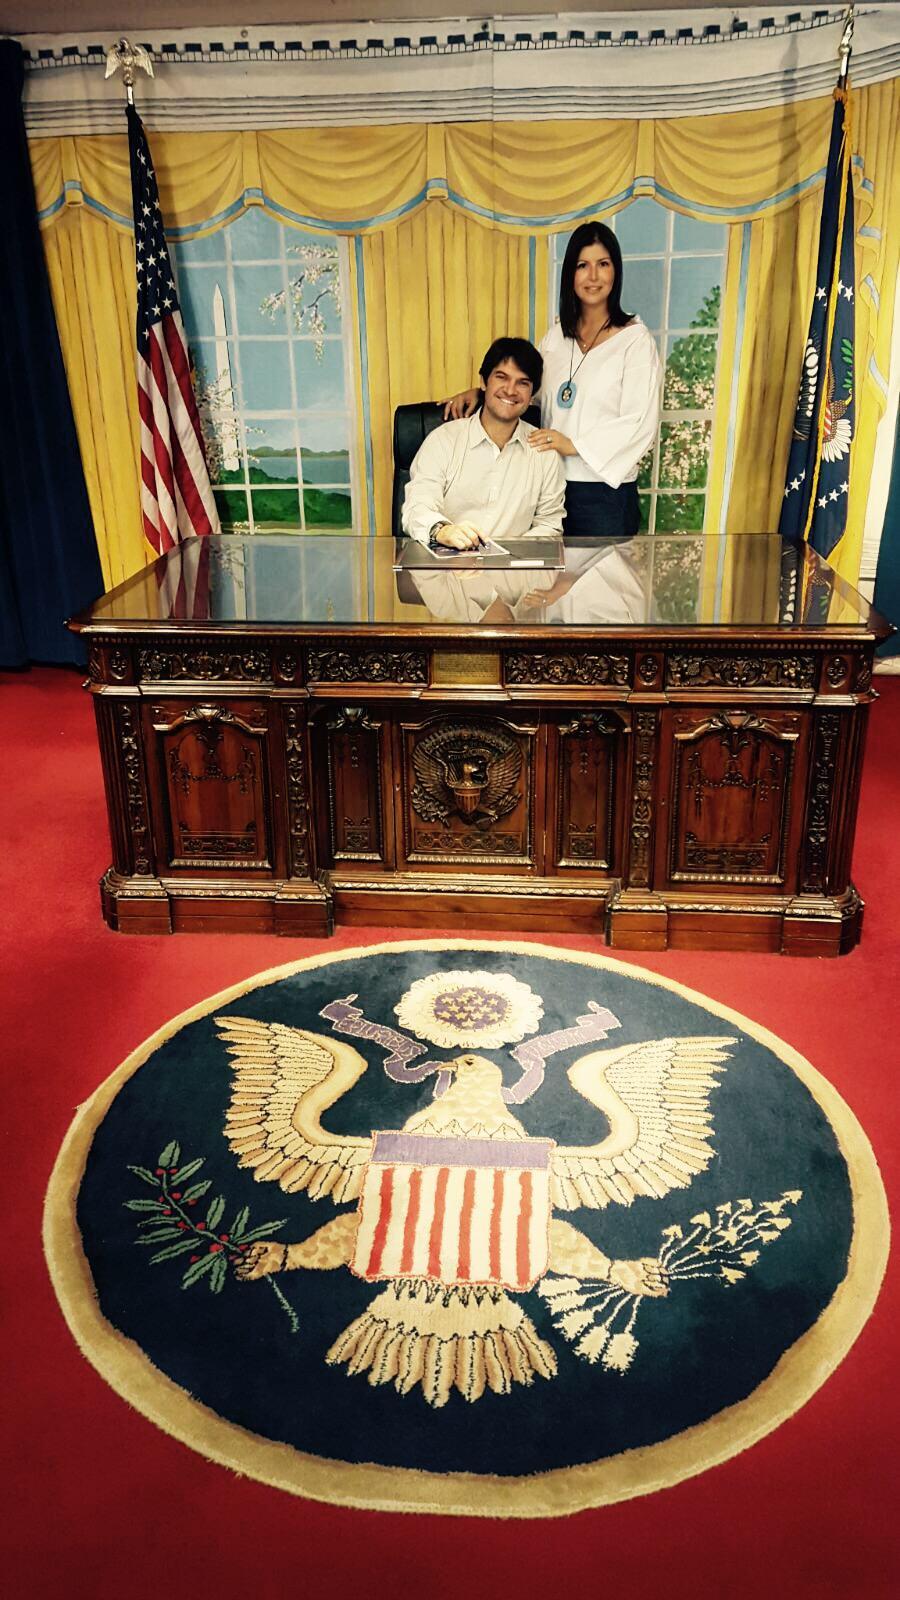 Foto Casa Blanca 3